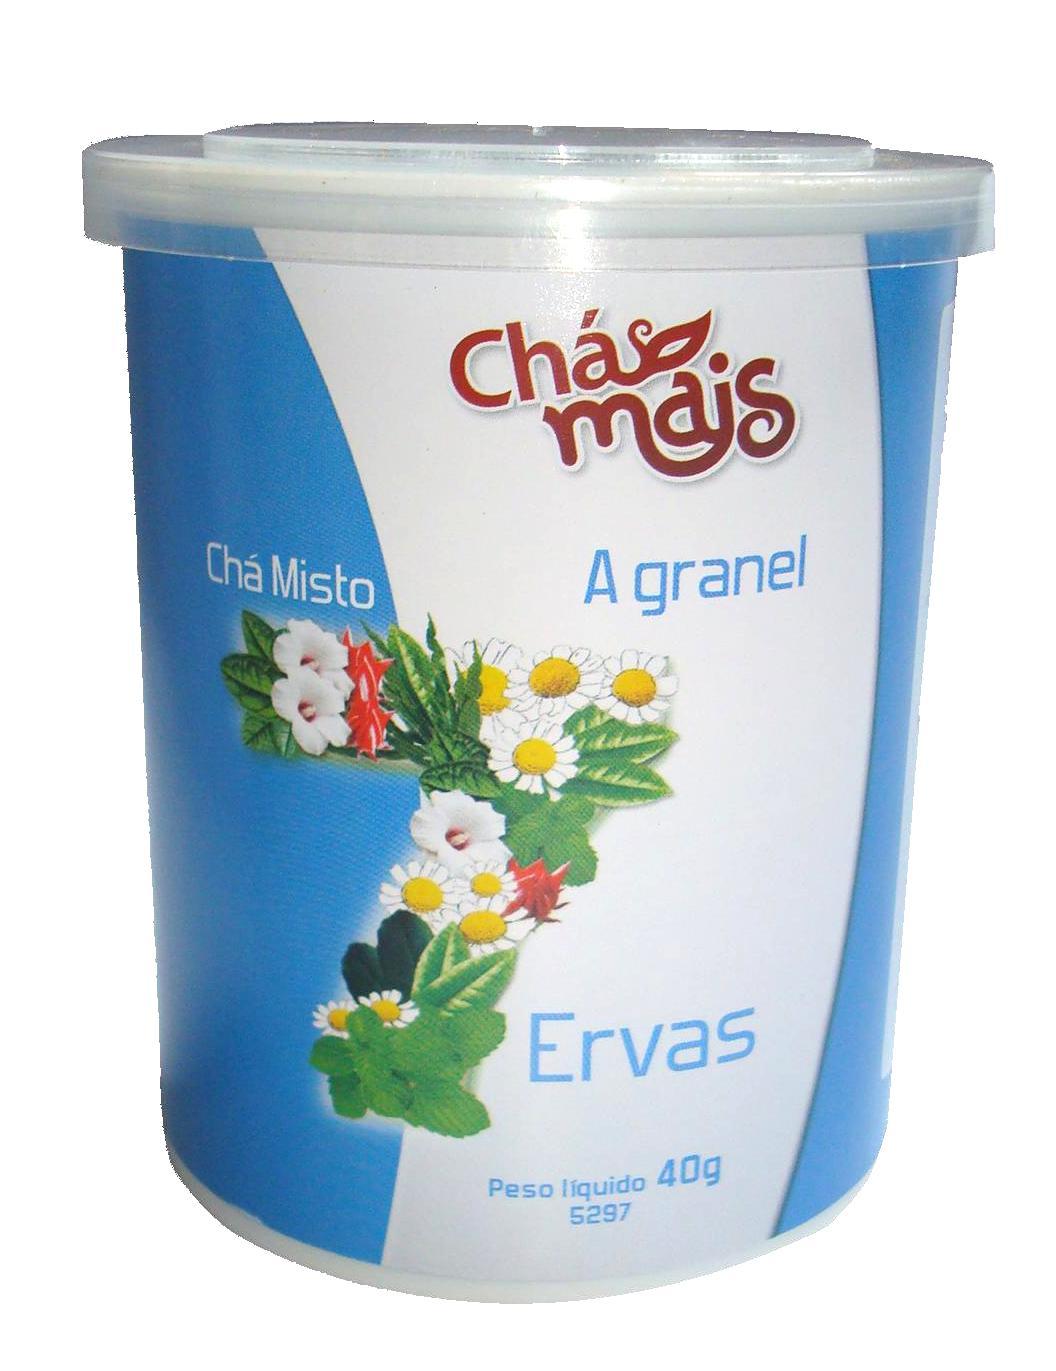 CHA-MISTO-A-GRANEL-7-ERVAS-40G-CHA-MAIS